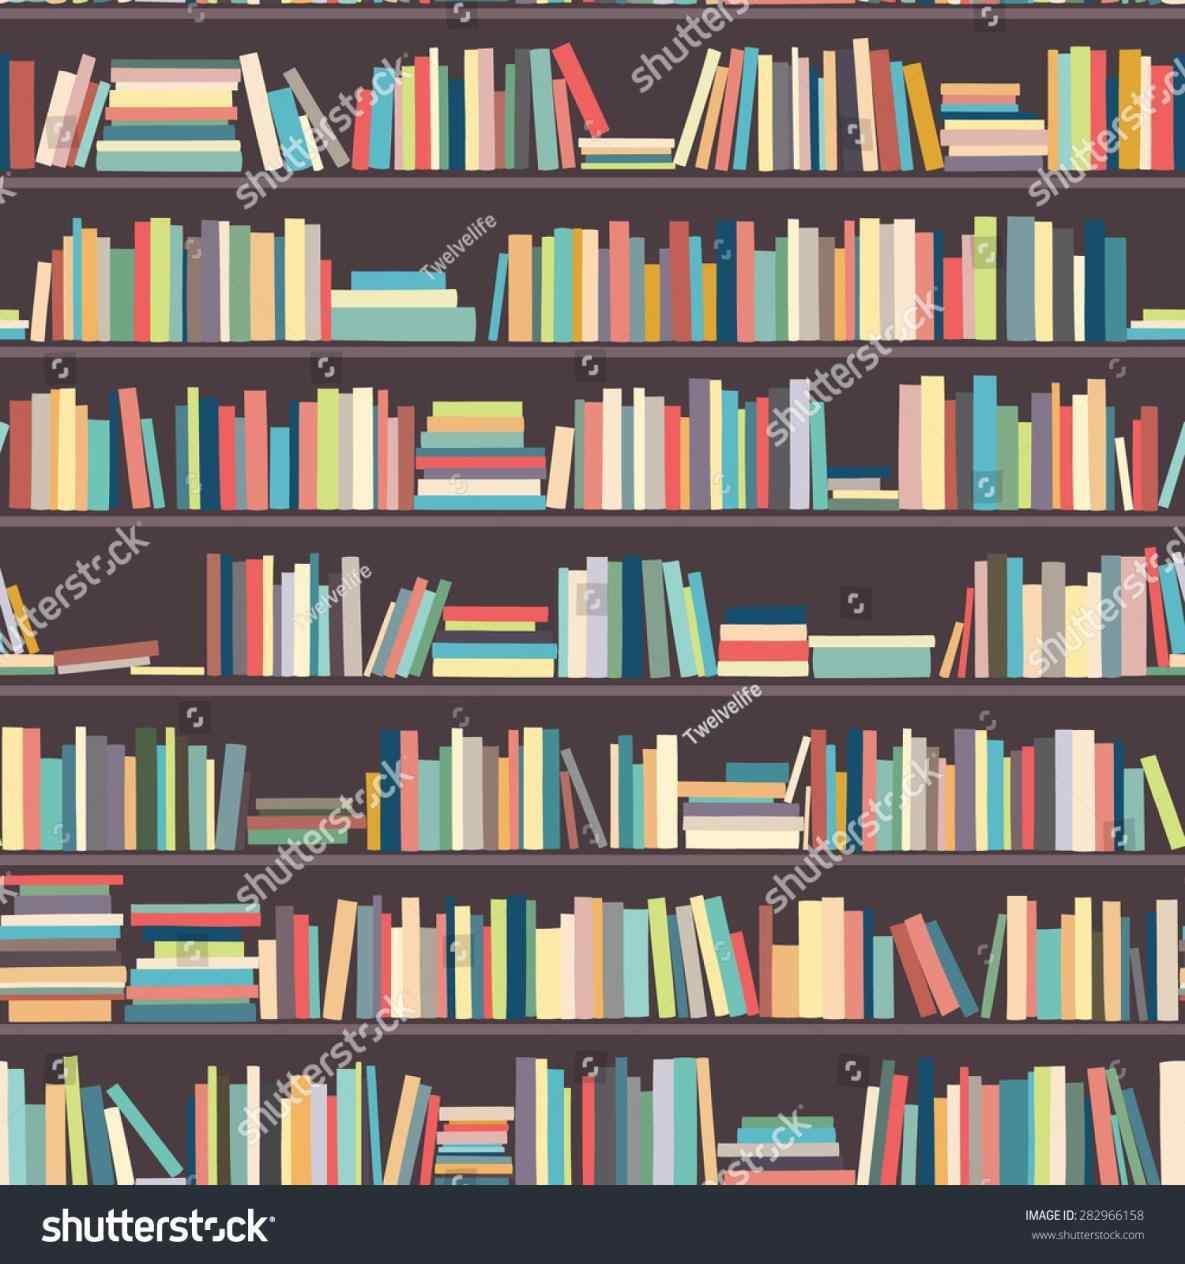 Bookshelf clipart background. Library bookshelves michelecinfo